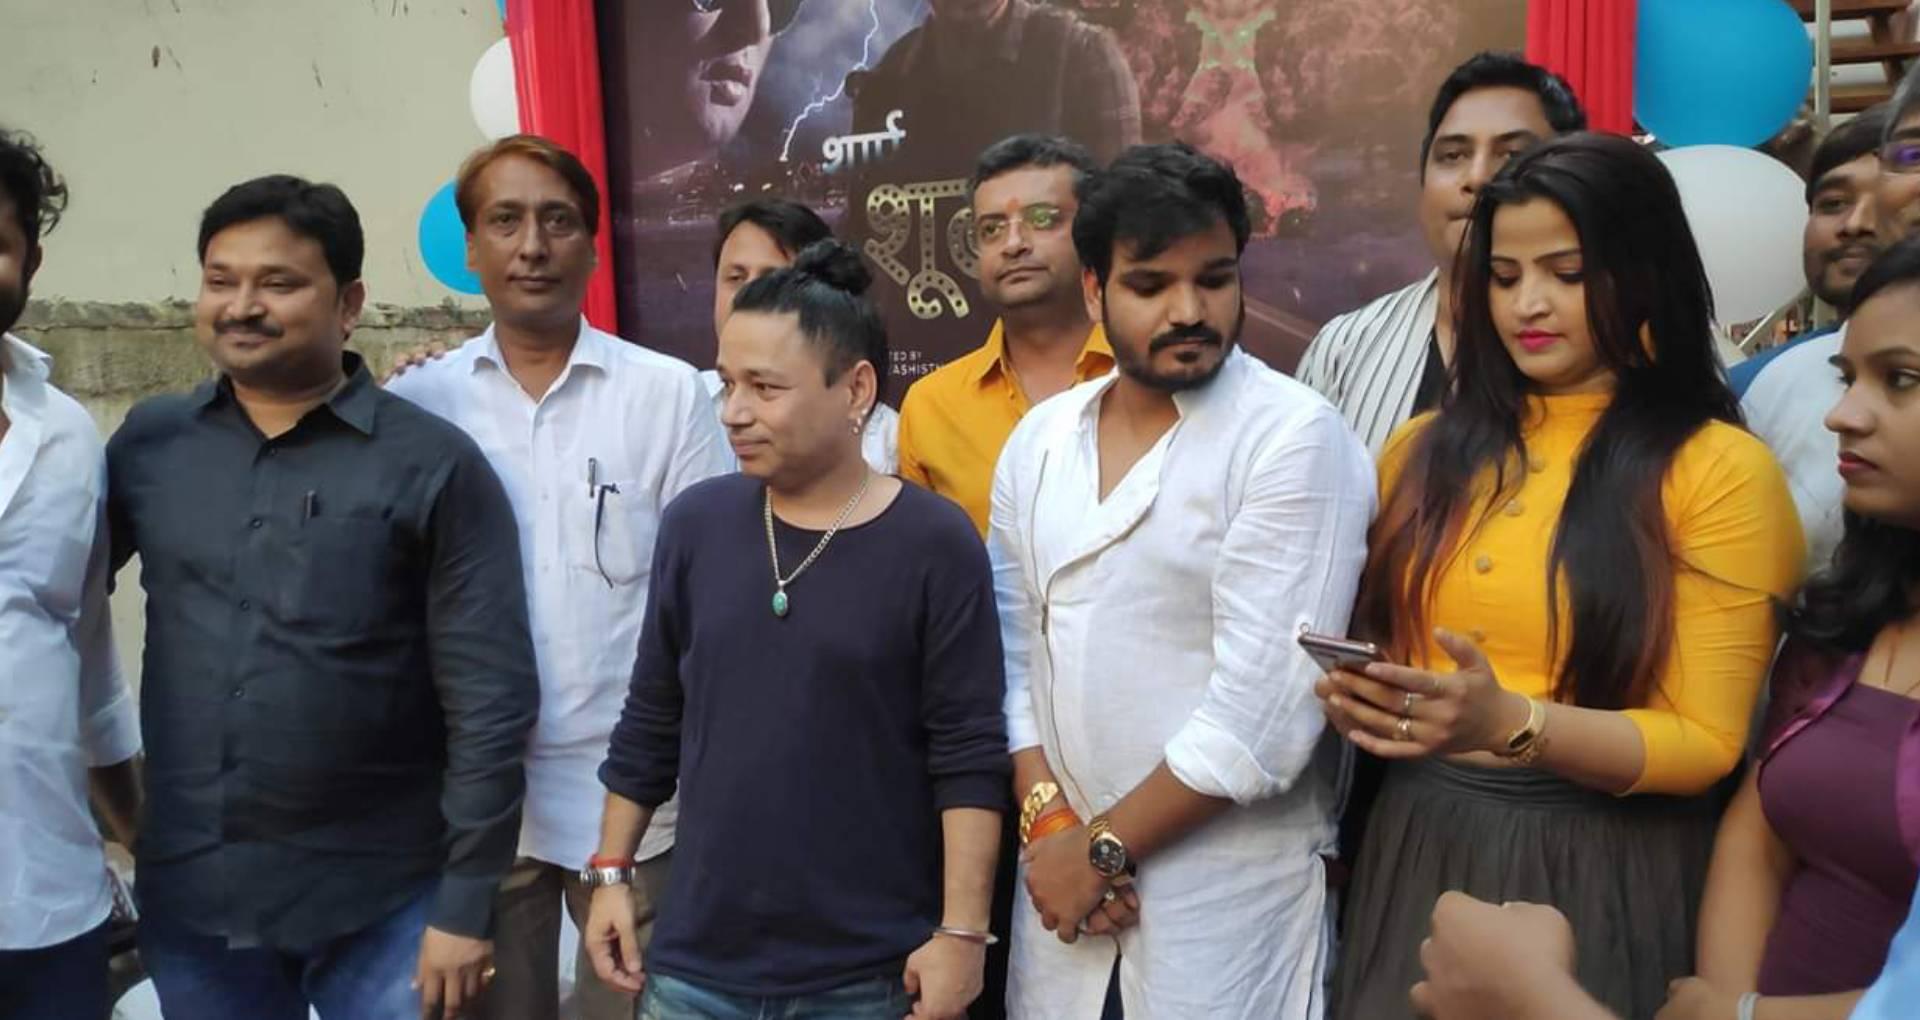 कैलाश खेर ने भोजपुरी फिल्म शार्प शूटर के लिए रिकॉर्ड किया सॉन्ग, एक्टर रूपेश आर बाबू ने ऐसे जाताया आभार